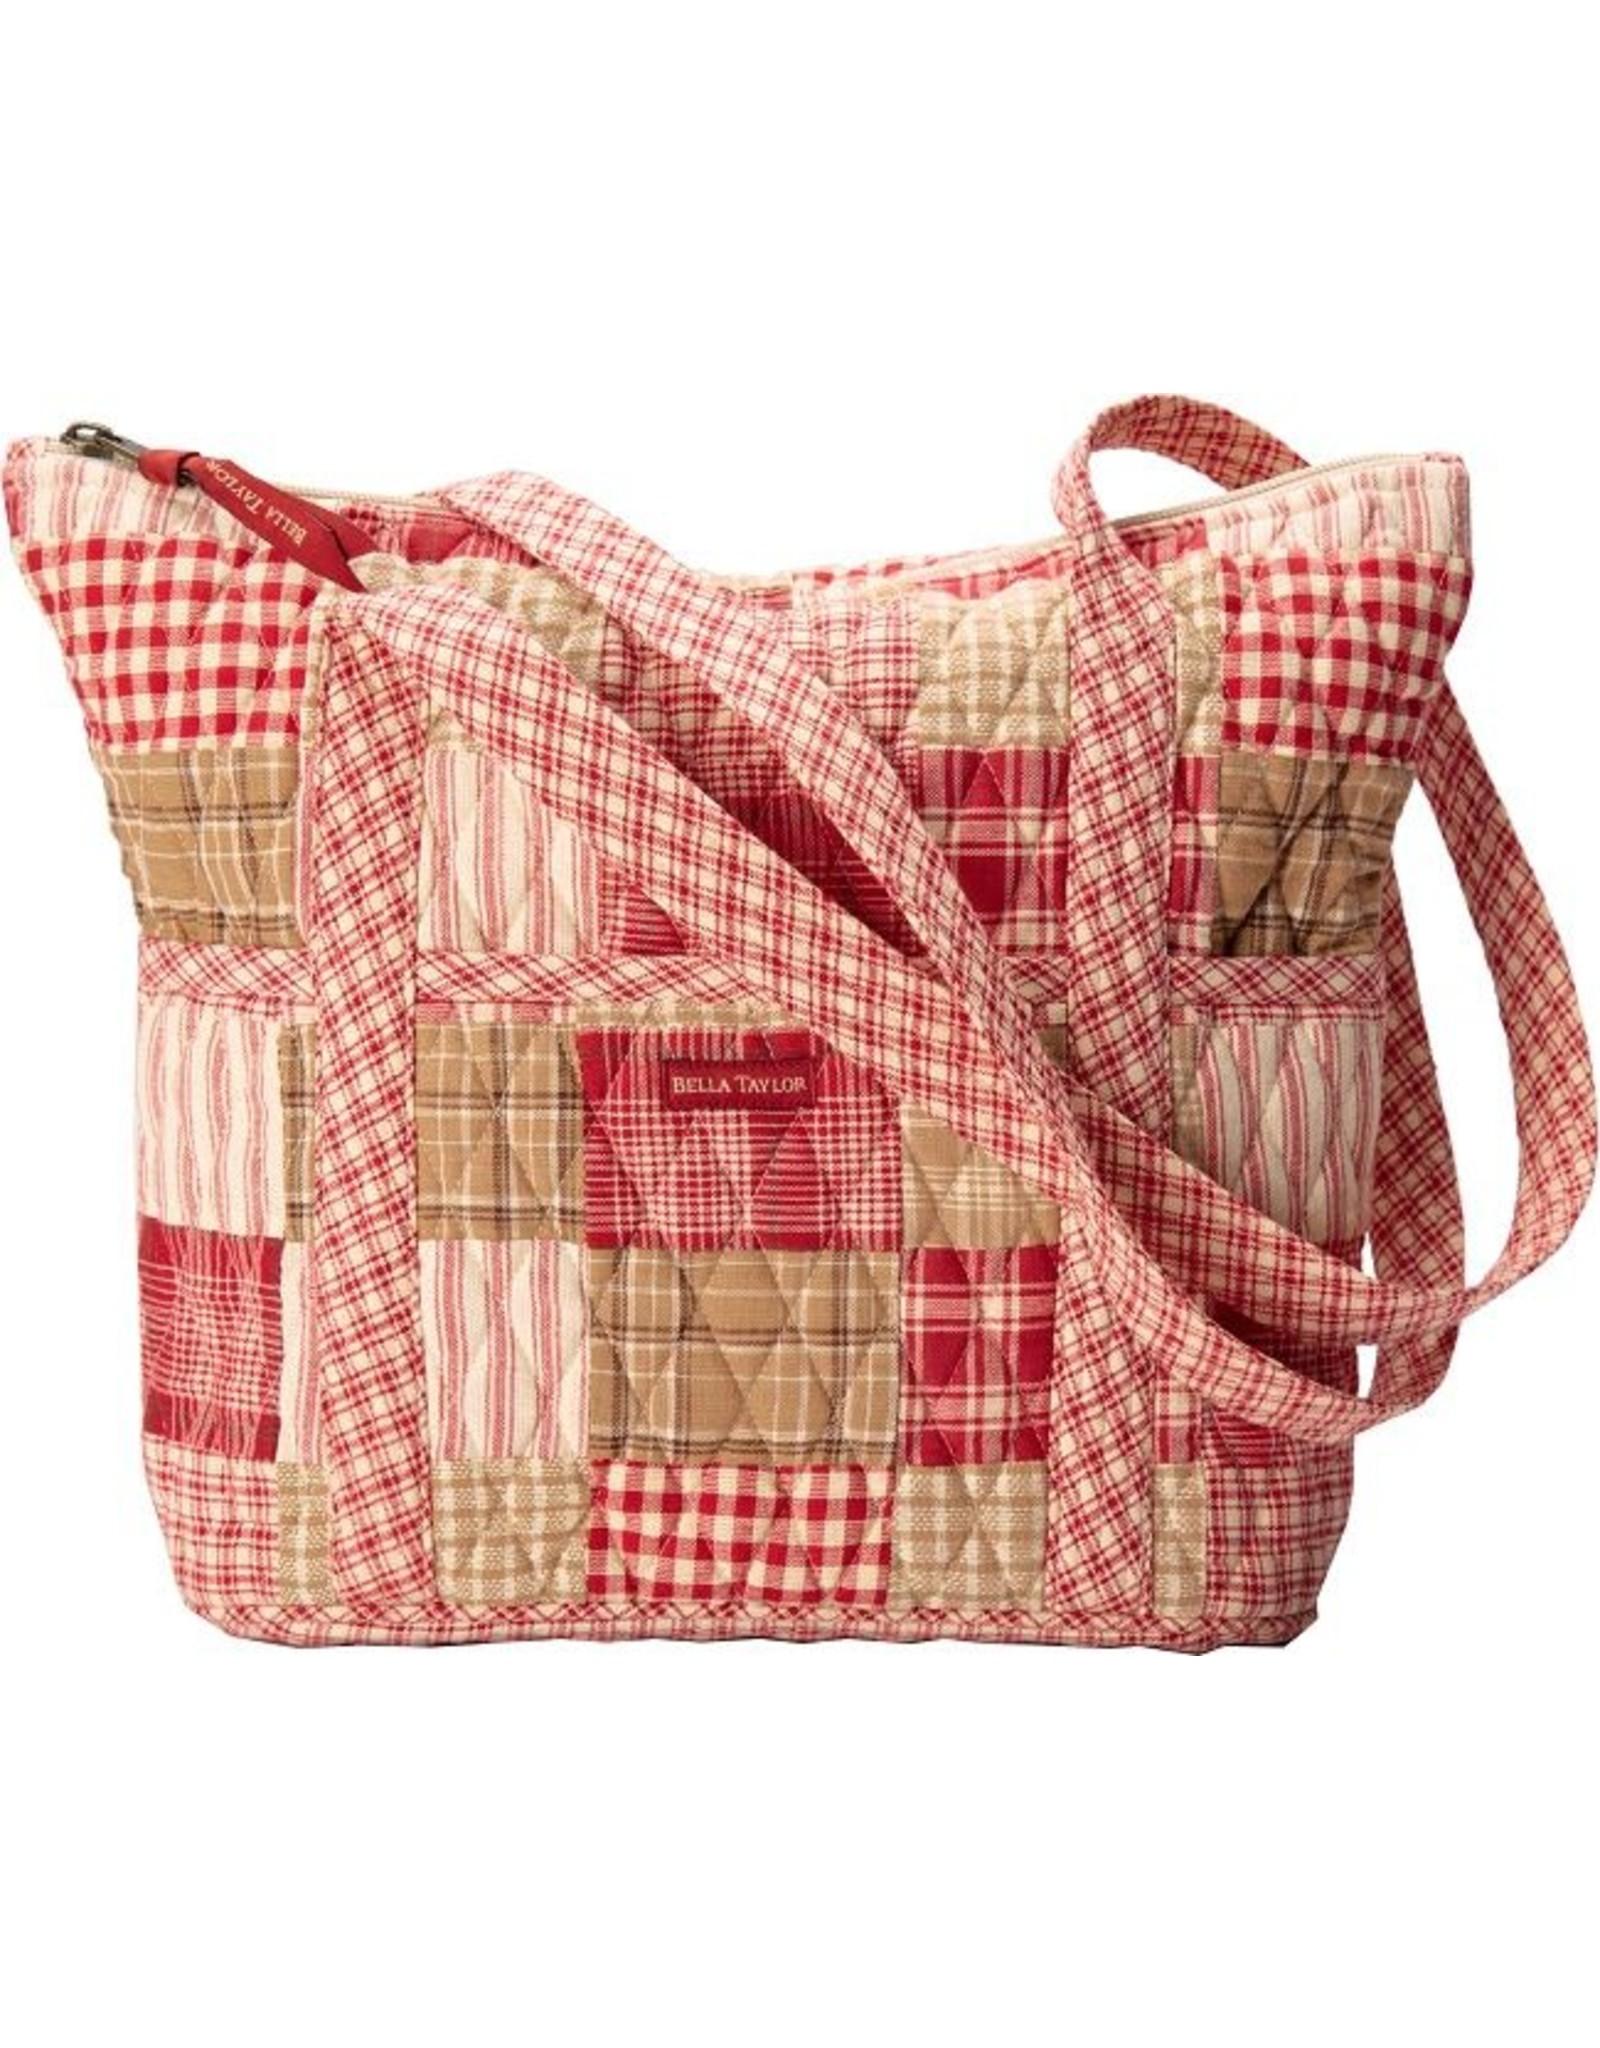 Bella Taylor Breckenridge - Stride handbag